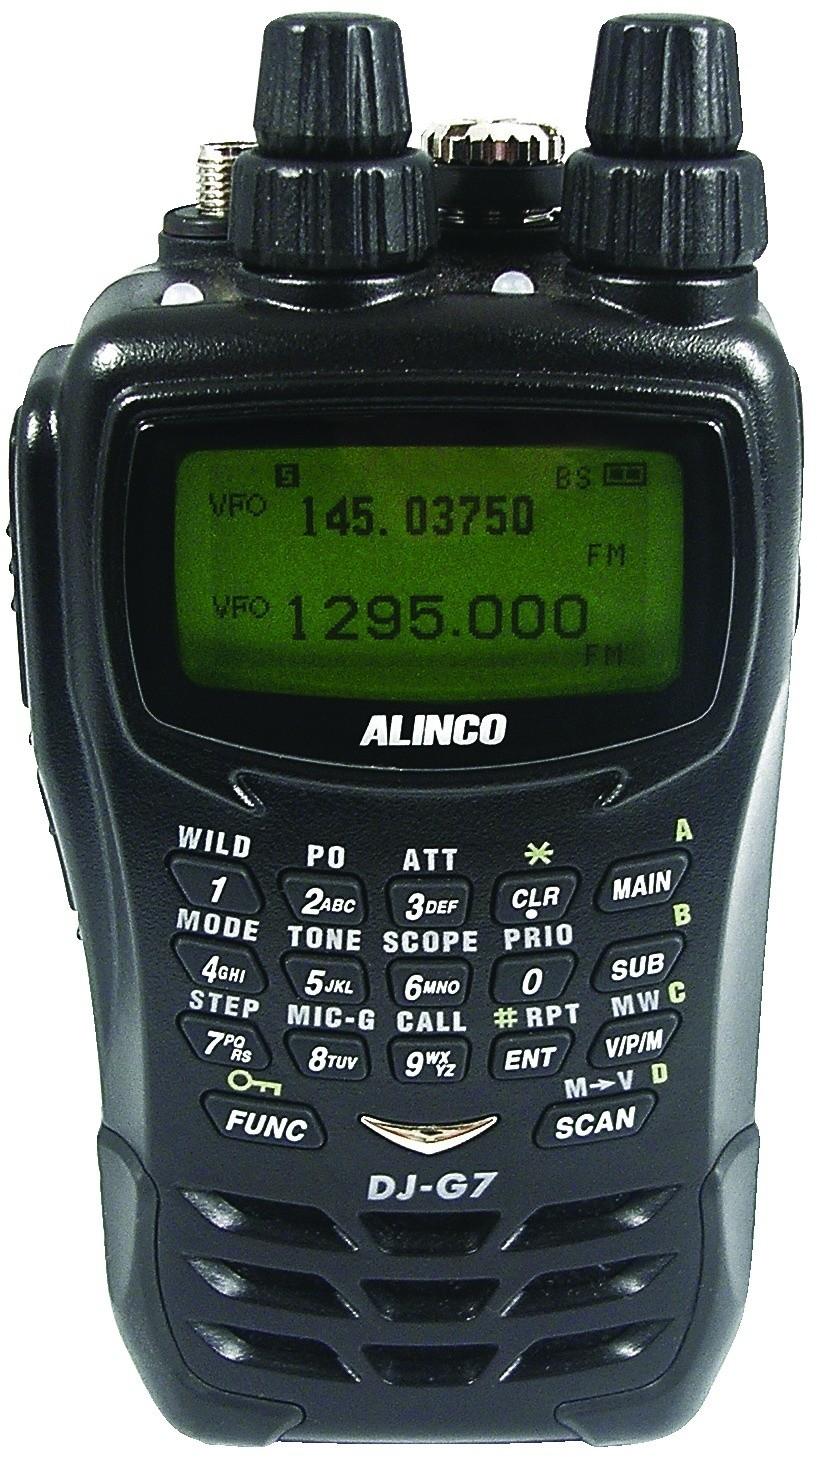 Портативная рация Alinco DJ-G7 alinco dj a40